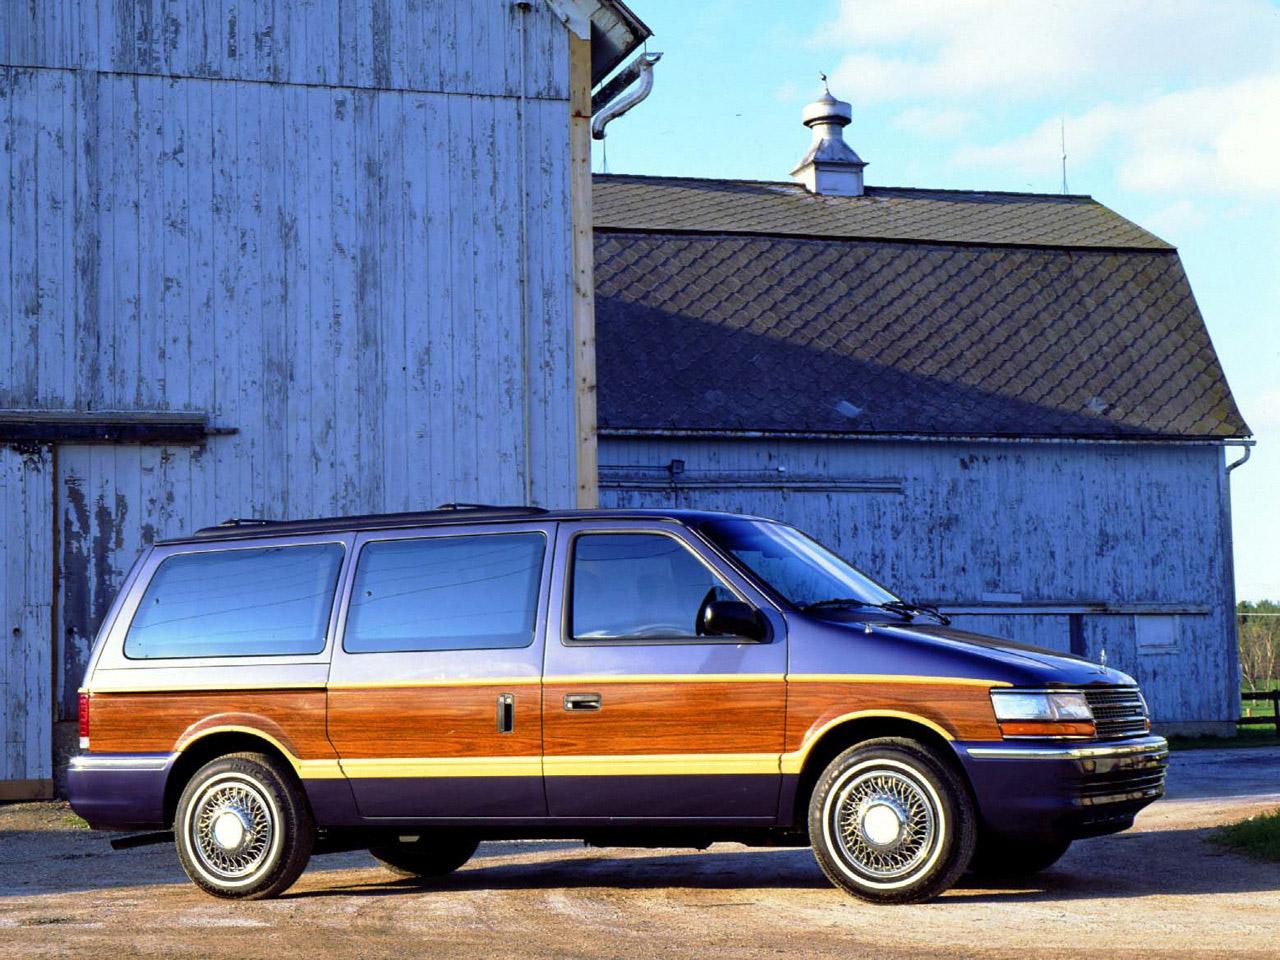 [SCHEMATICS_4UK]  1998 Plymouth Voyager Fuse Box Location | Wiring Library | 1991 Plymouth Voyager Wiring Diagram |  | 52.esd-handel.eu